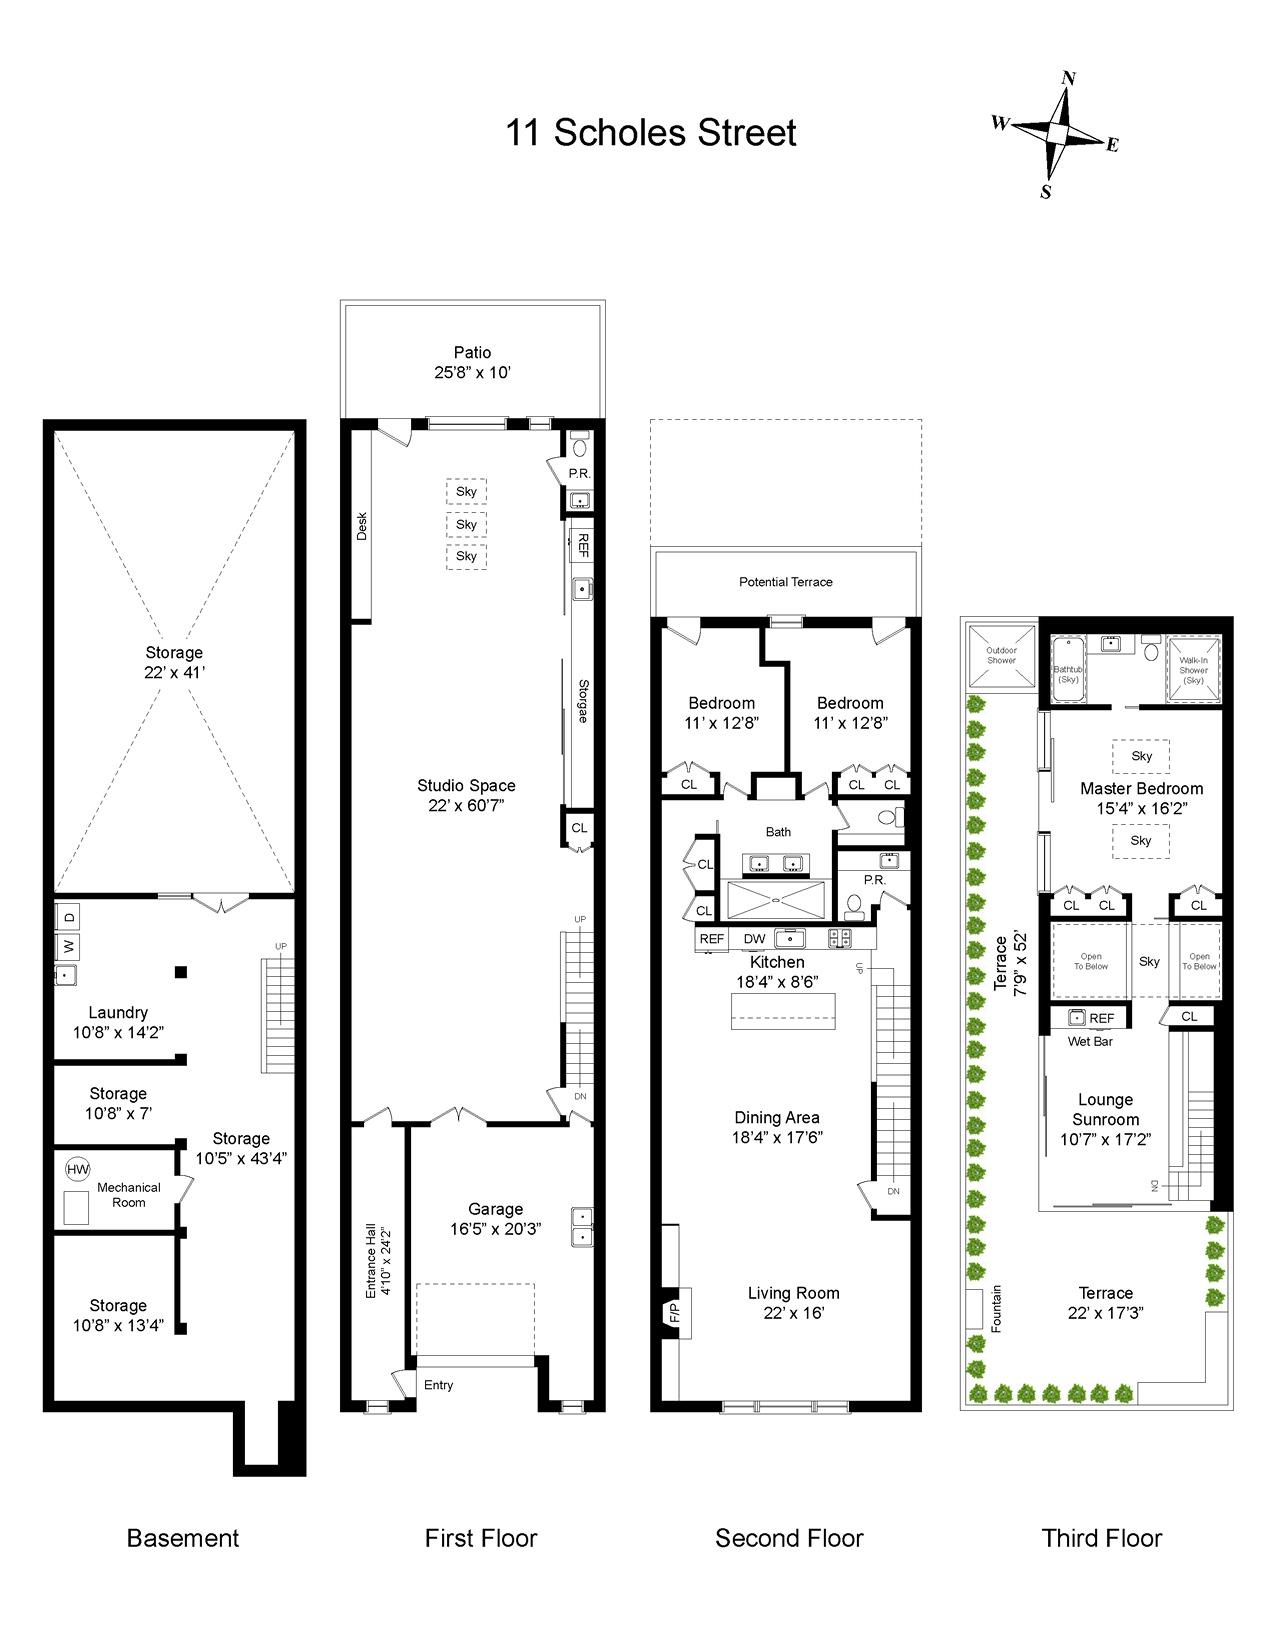 Floor Plan - 11 Scholes Street.jpg